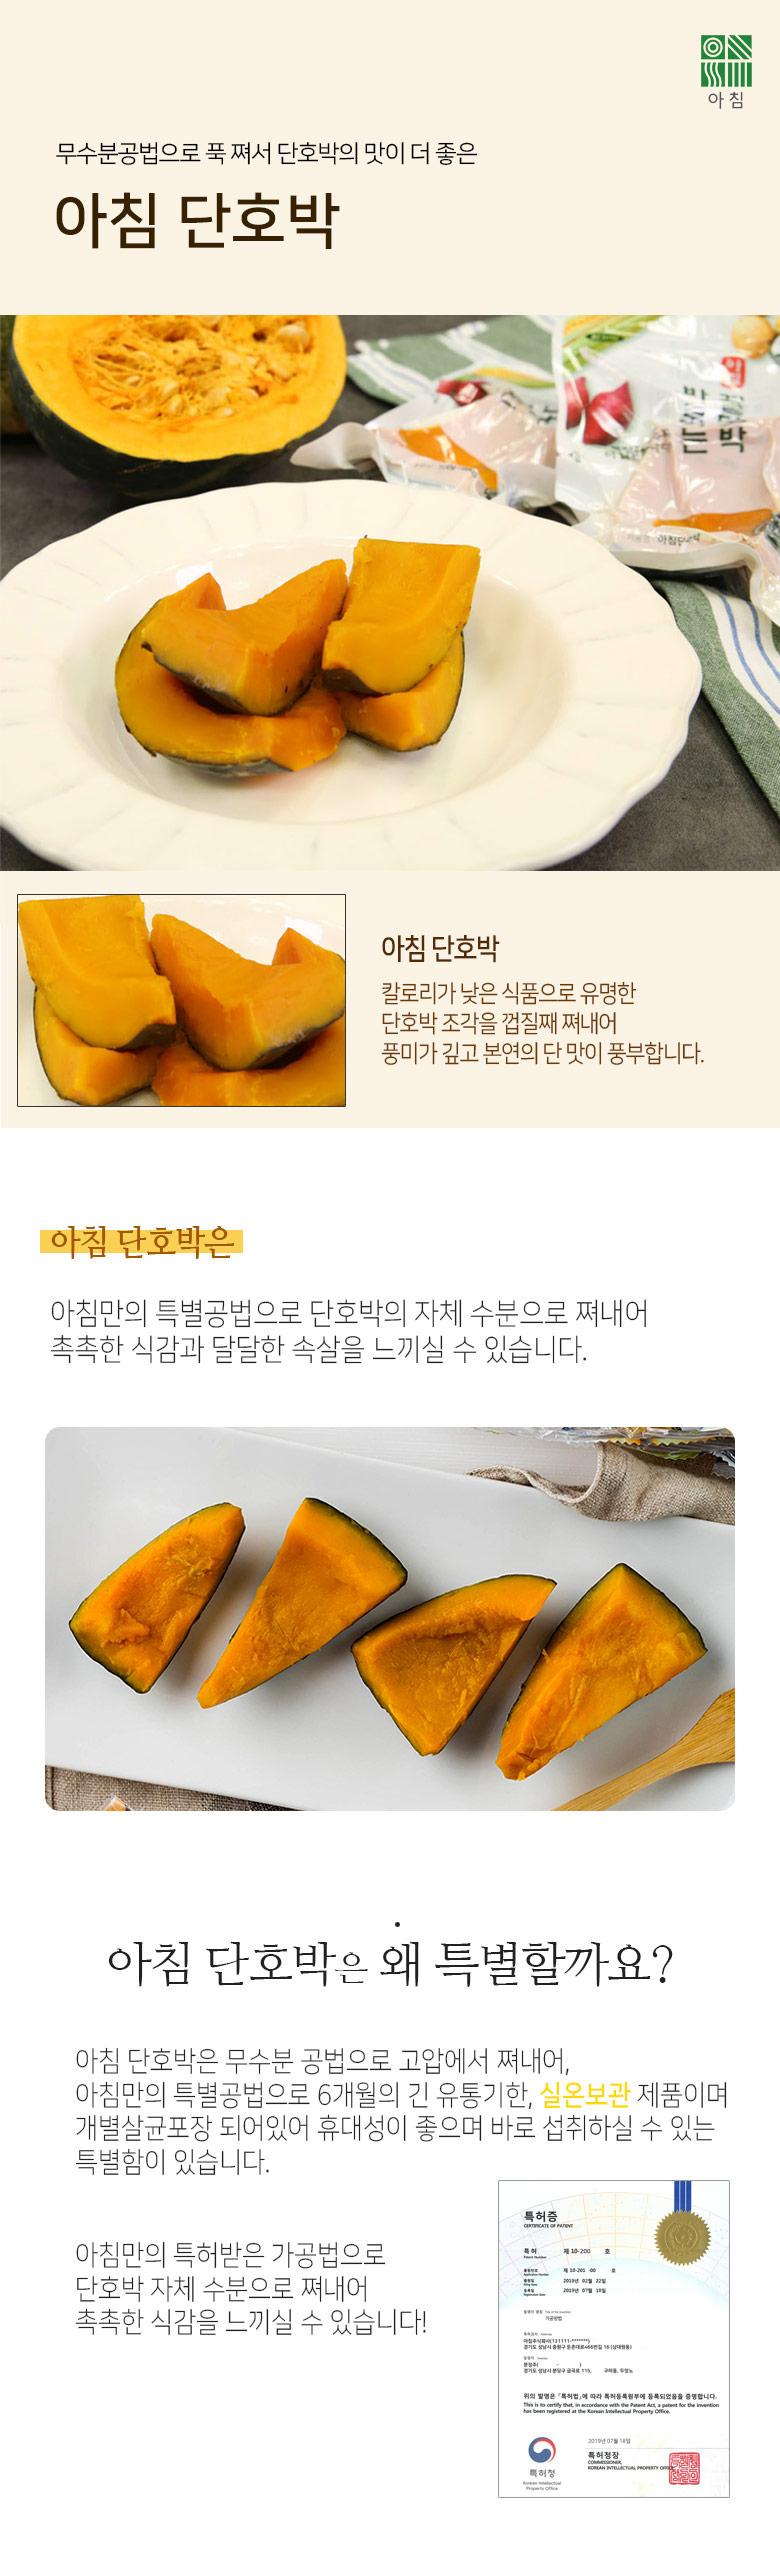 achim_sweetpumkin01_shop1_113635.jpg